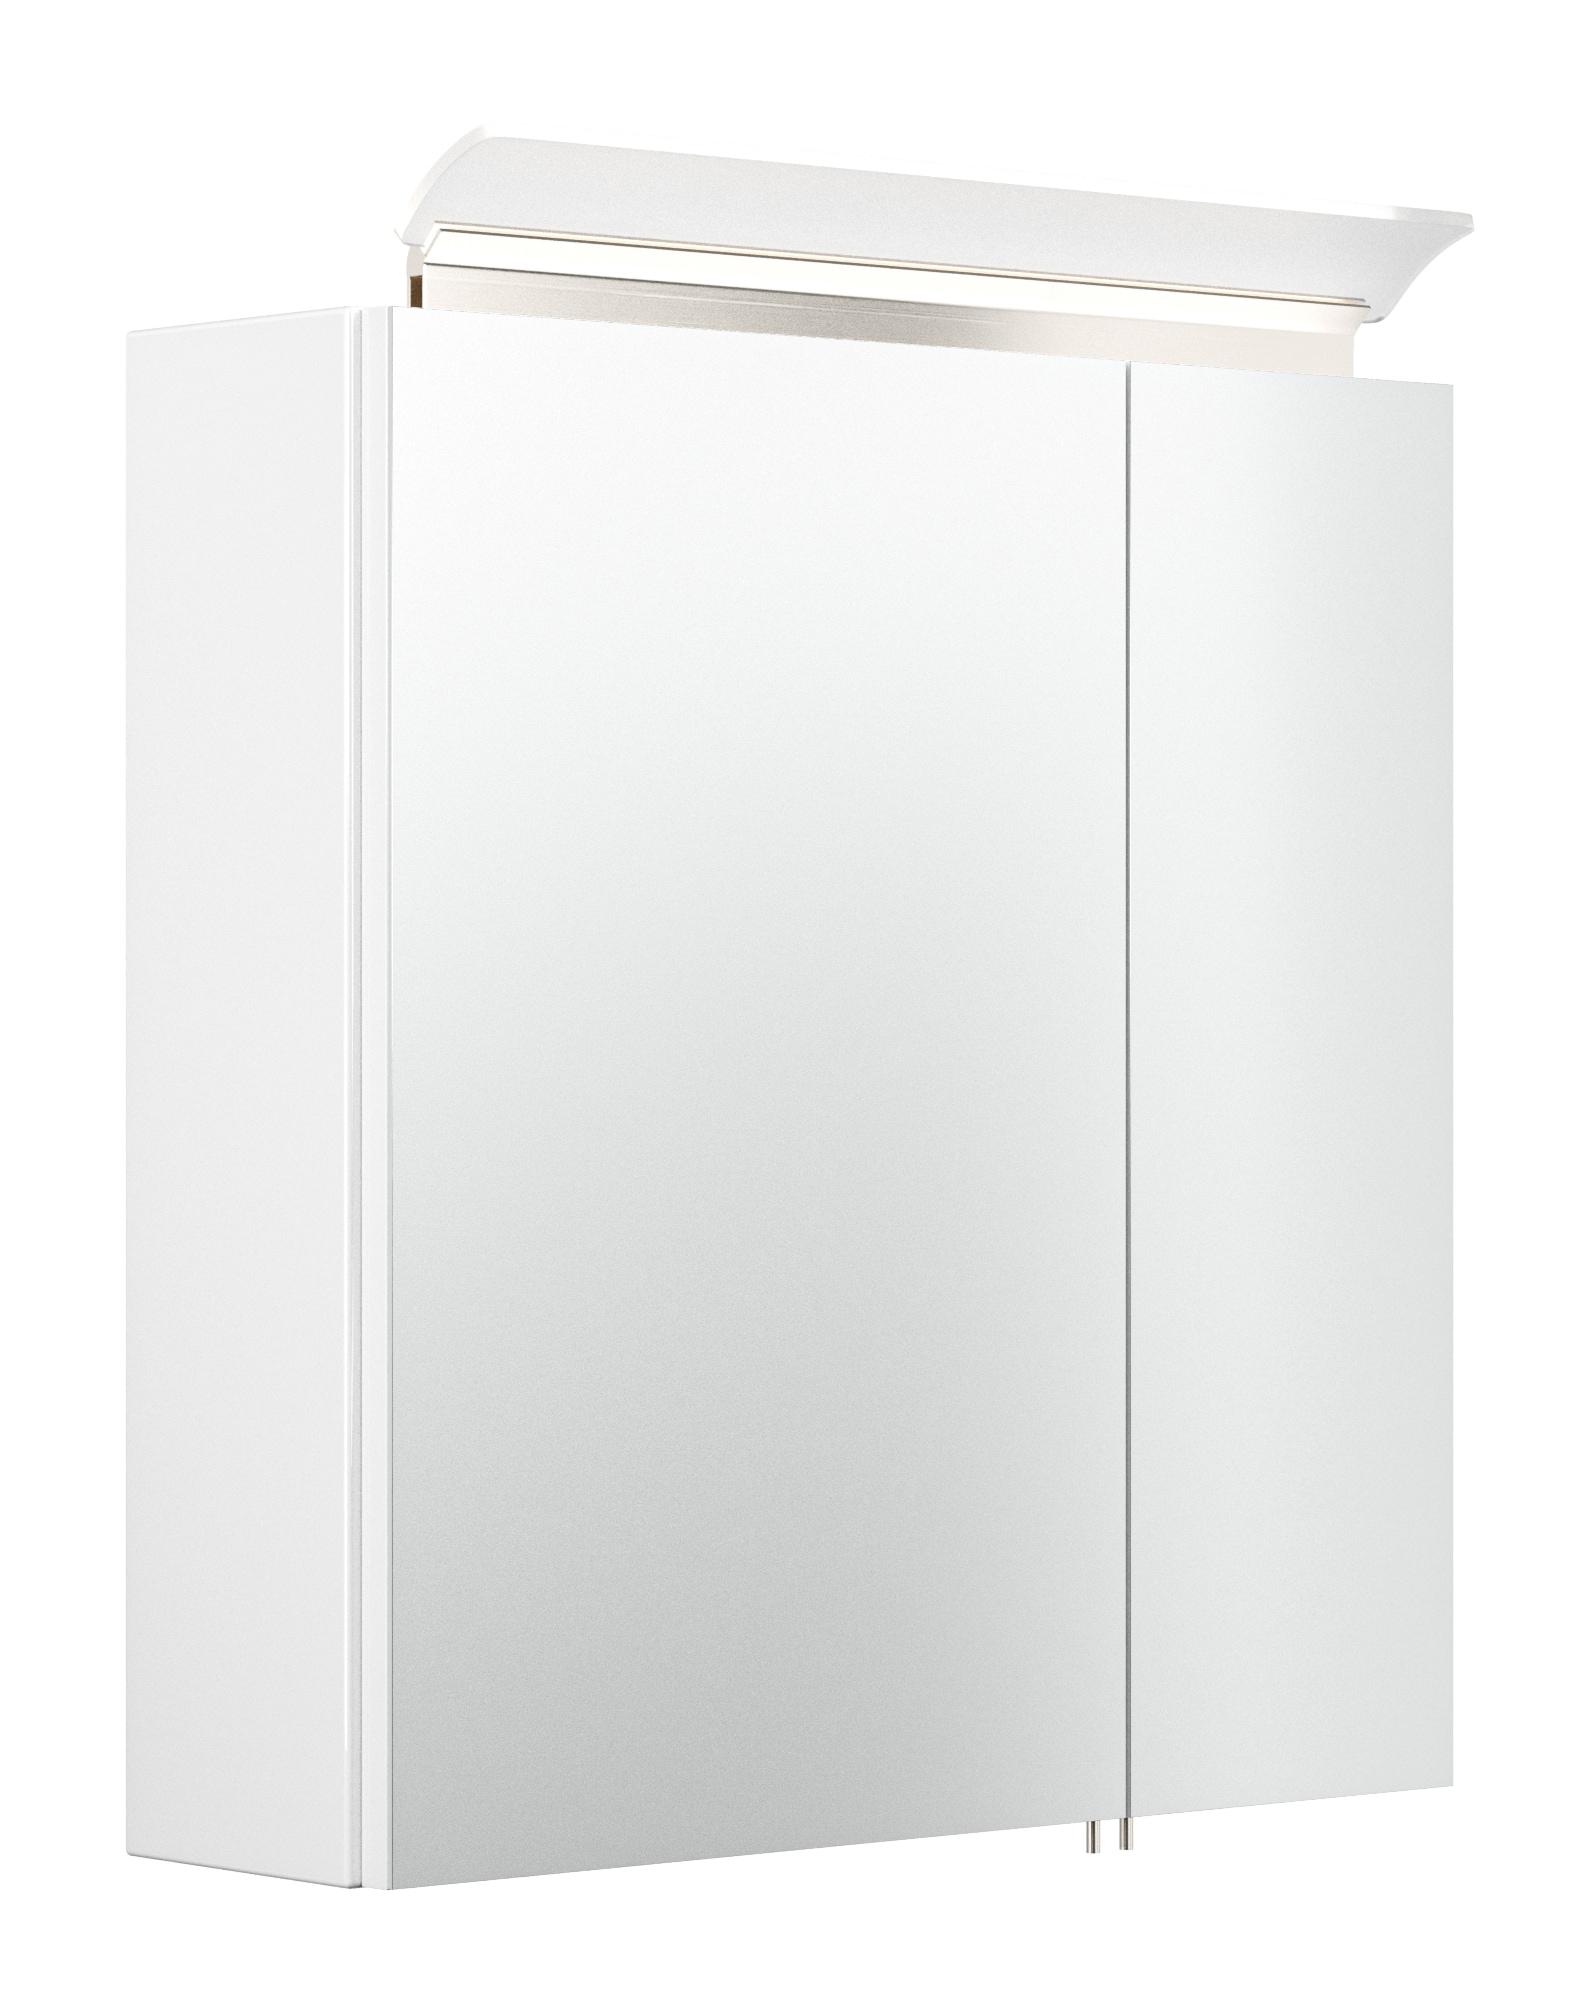 Saniclear Rocky 60cm spiegelkast met design LED verlichting glans wit